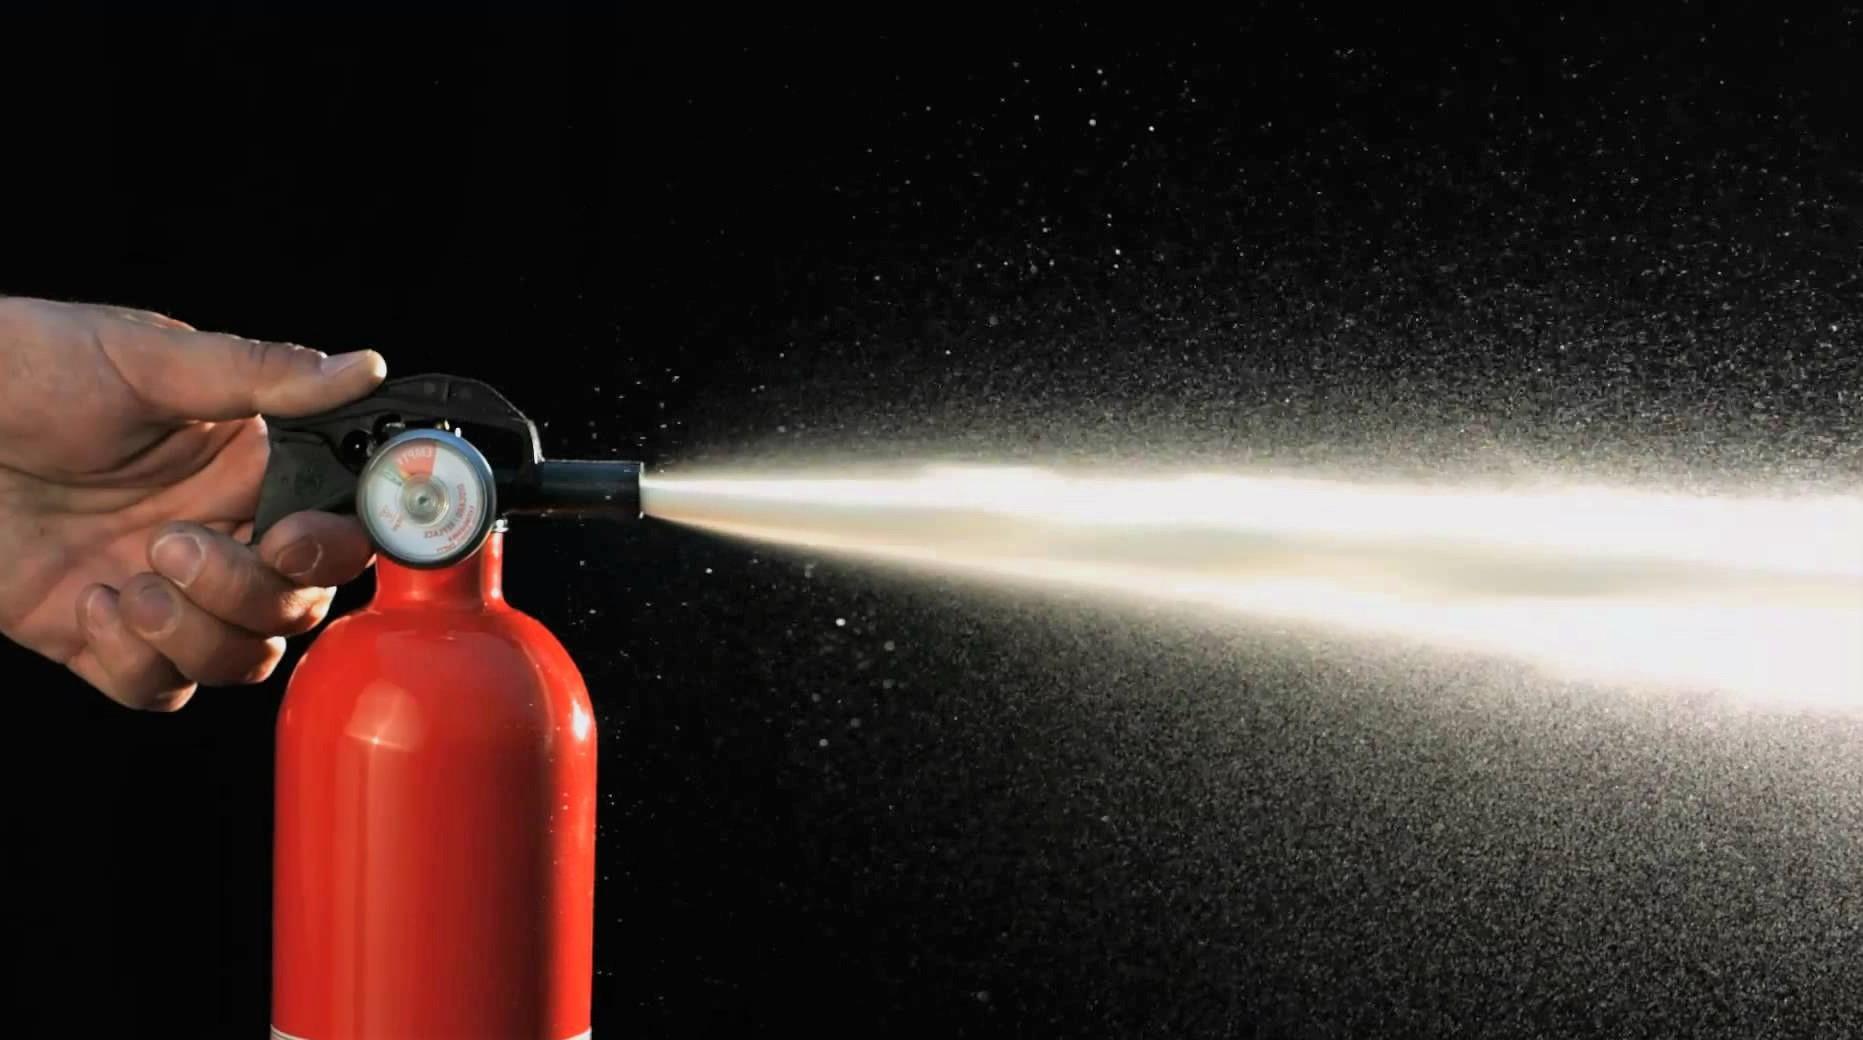 Чем эффективнее тушить огонь: водой или пеной?